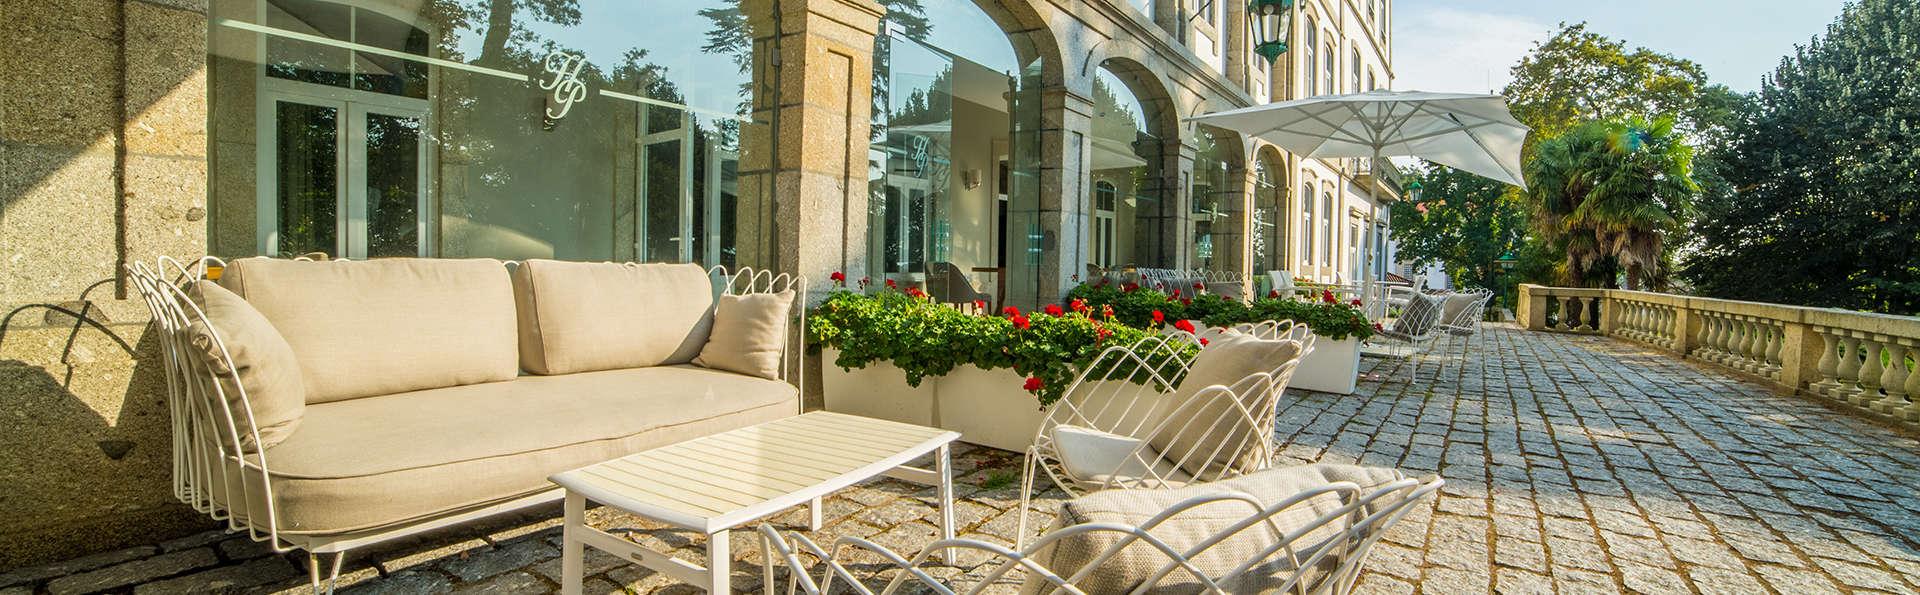 Minivacaciones de lujo en Braga con acceso al Spa en un hotel rodeado de jardines (desde 3 noches)